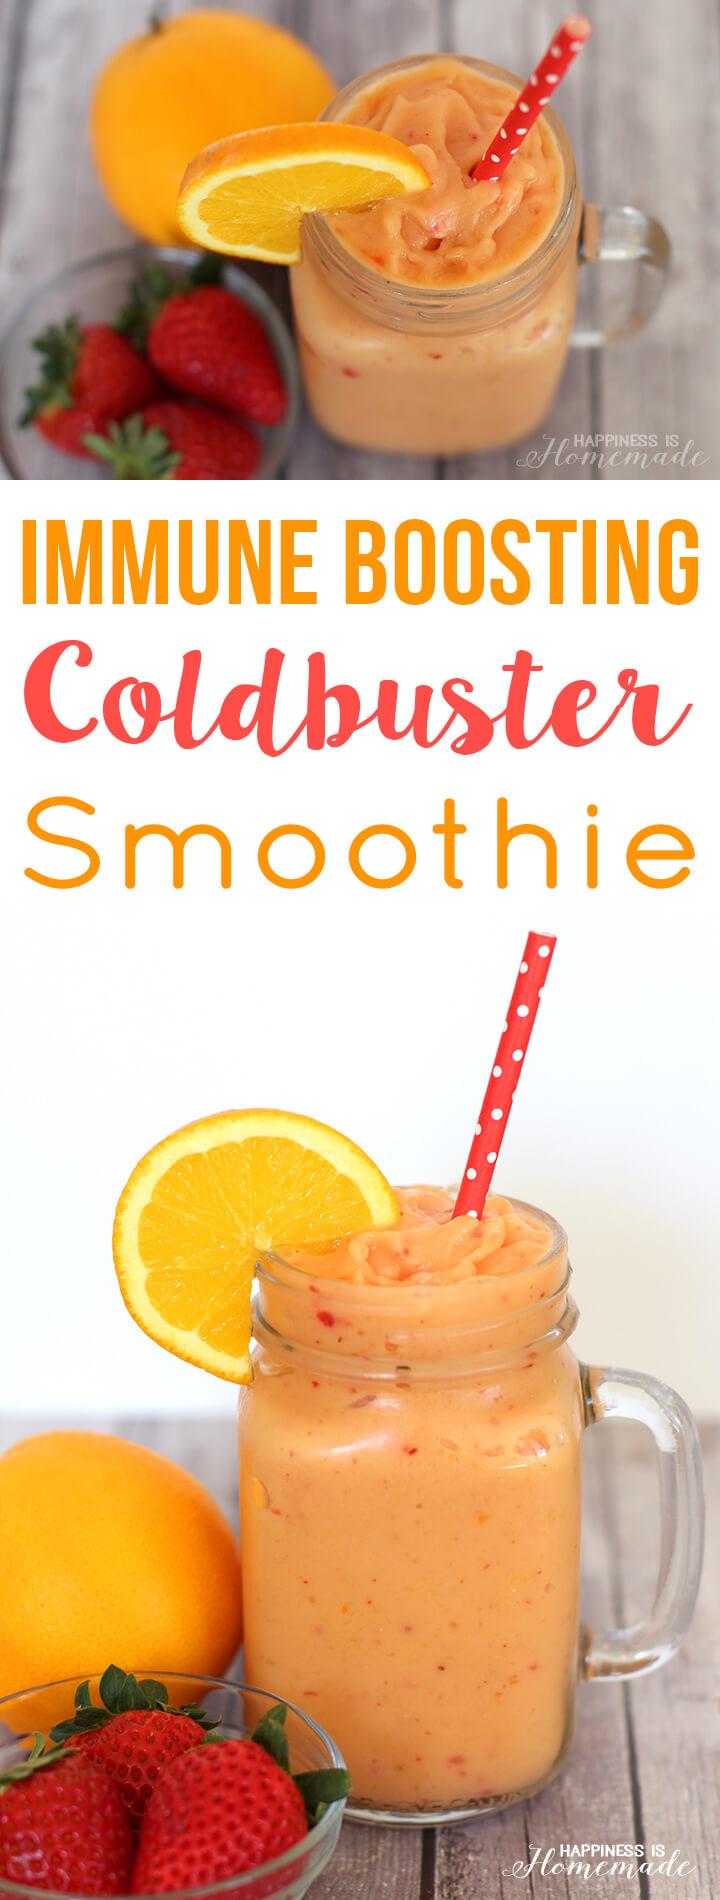 Immune Boosting Coldbuster Smoothie Recipe